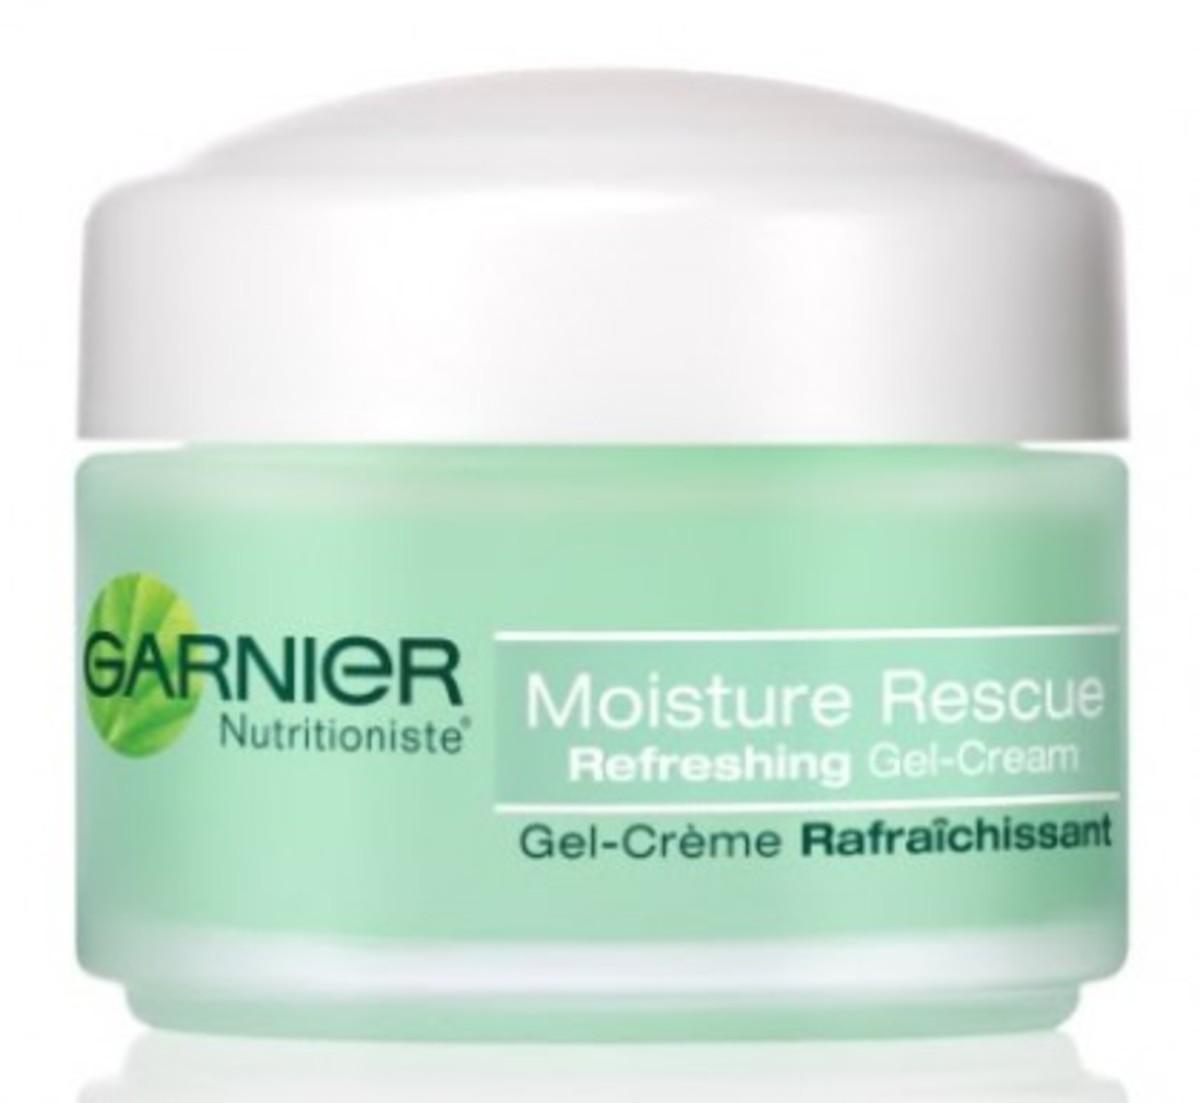 Garnier Moisture Rescue Refreshing Gel-Cream